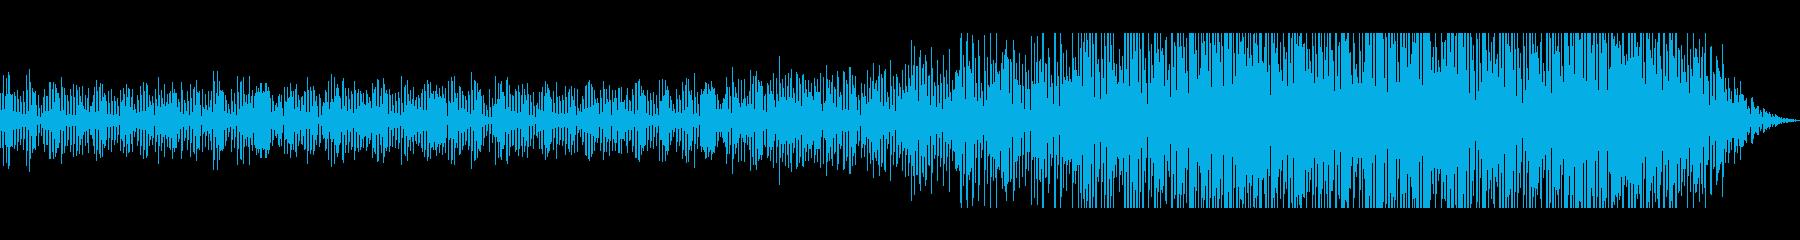 少し不思議なピアノから始まるマーチの再生済みの波形